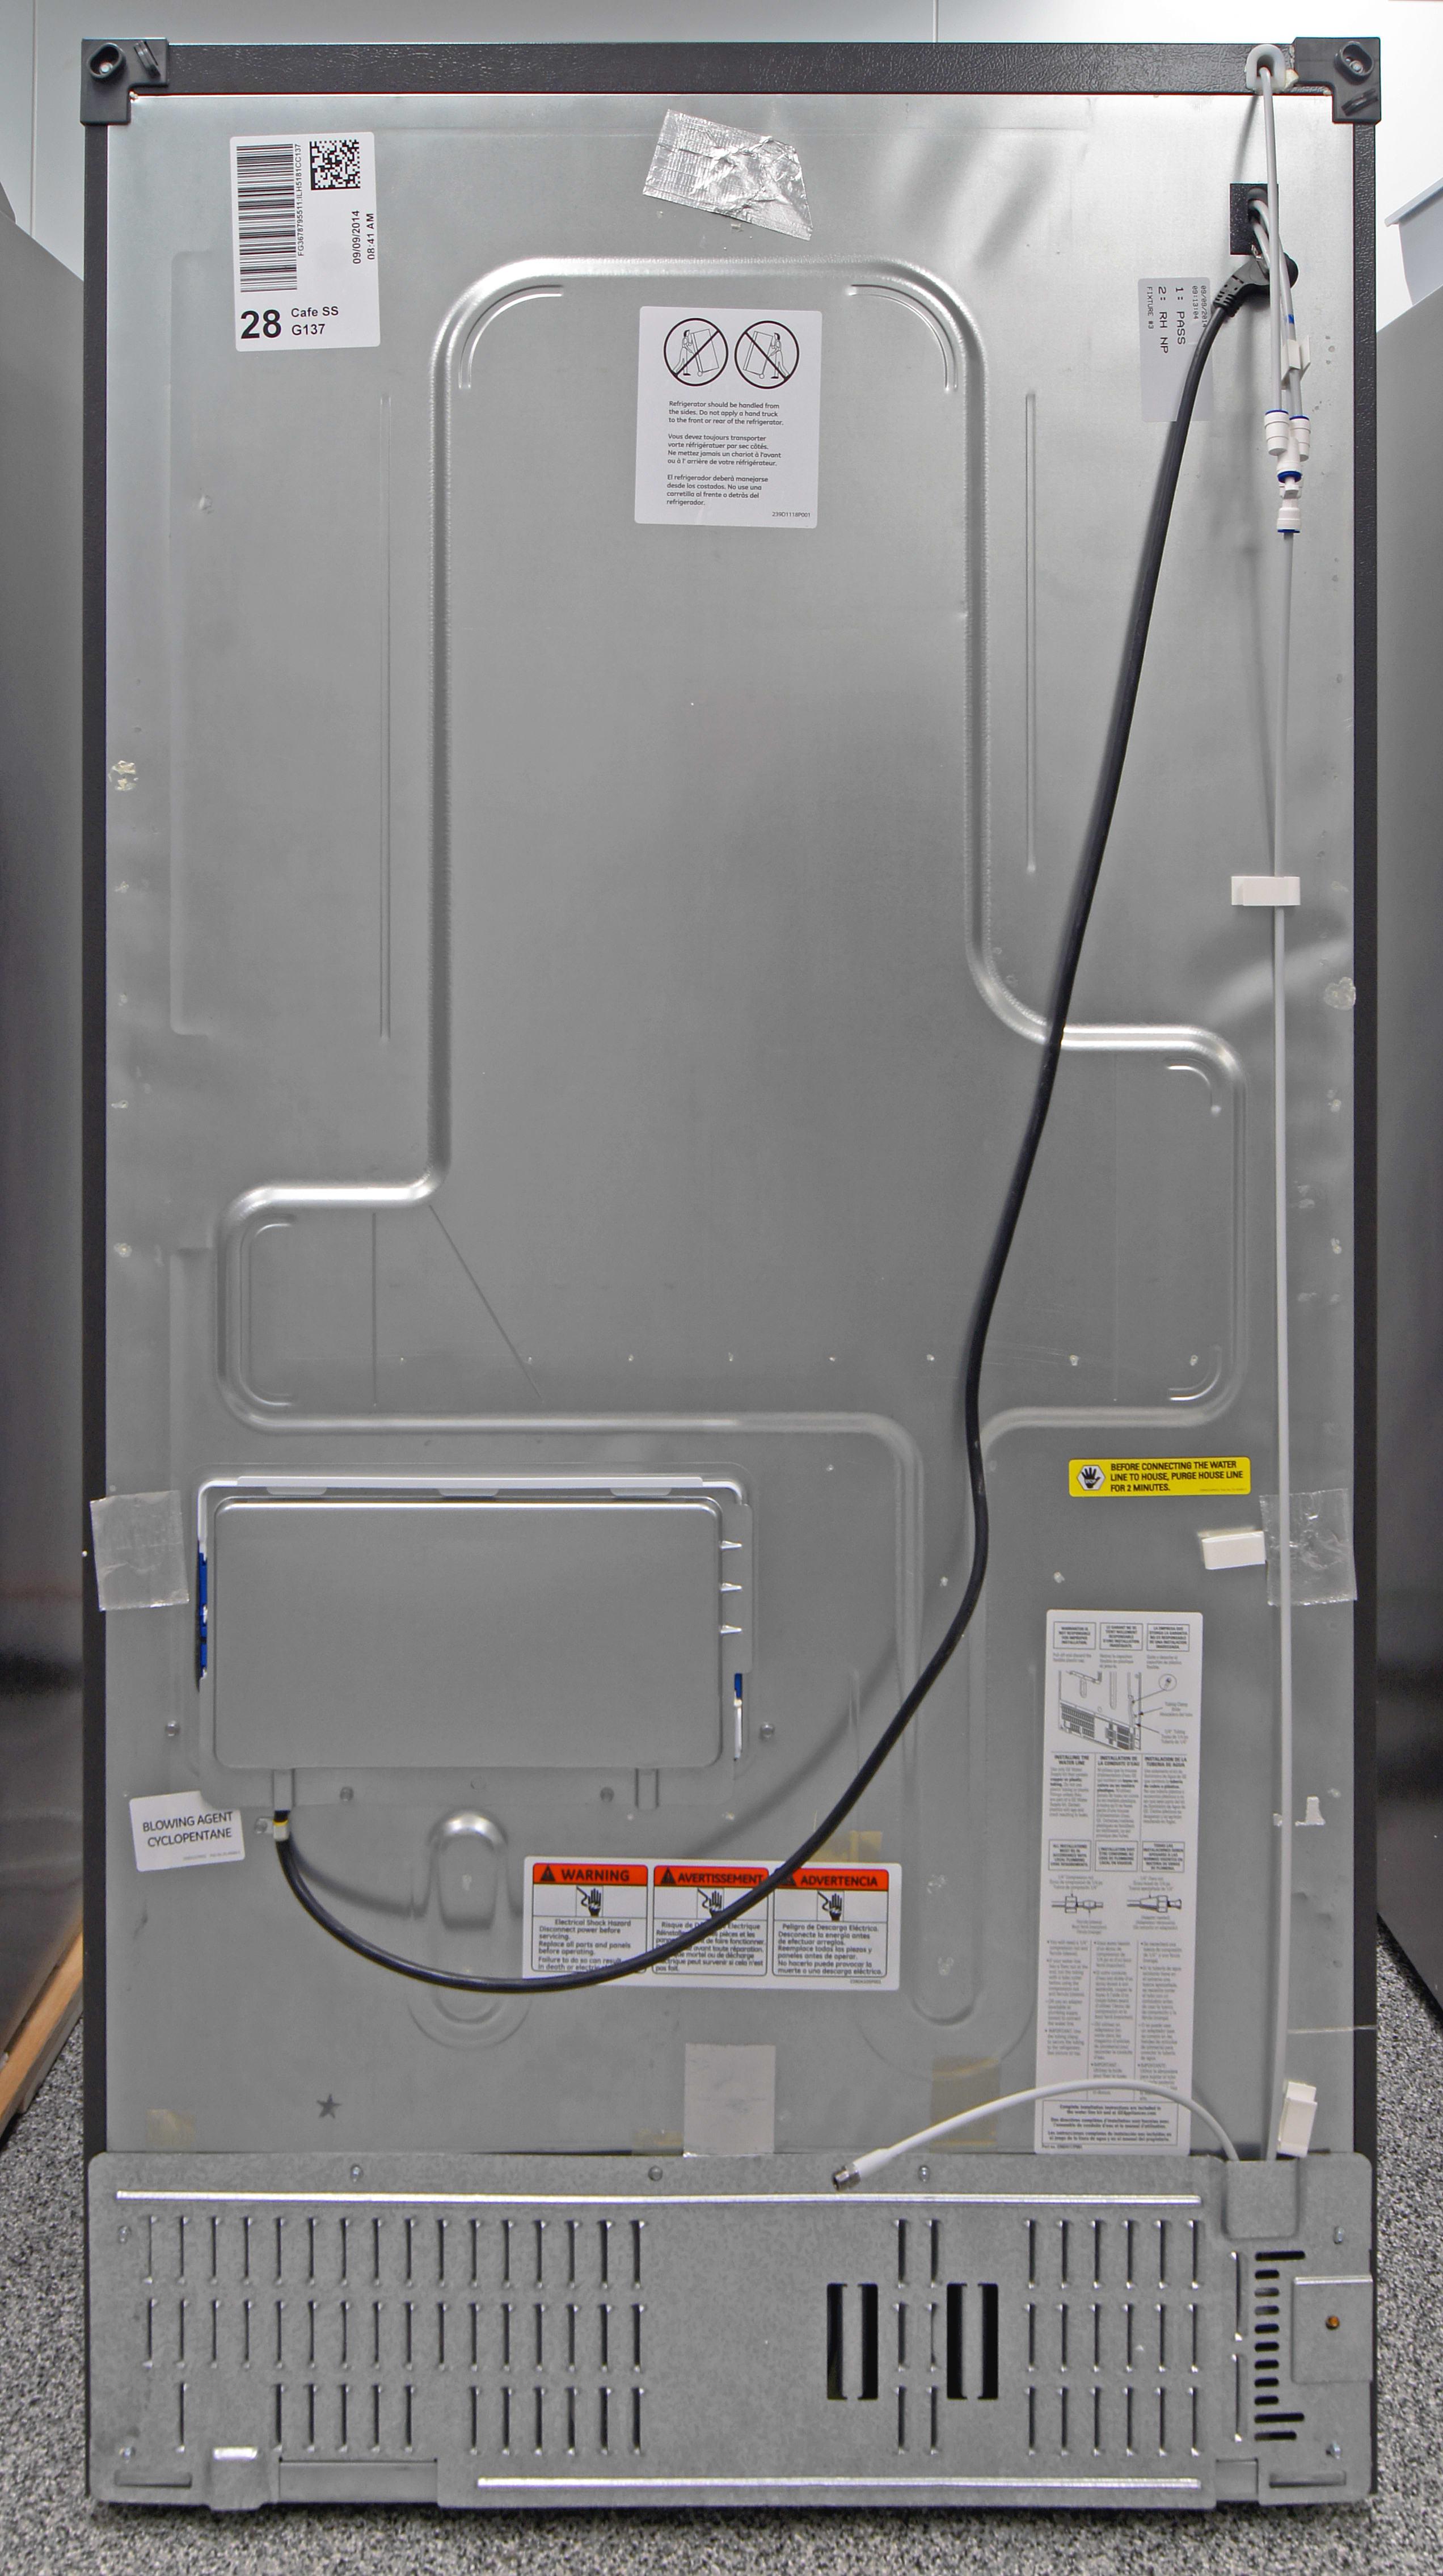 GE Caf CFE28TSHSS Refrigerator Review Reviewedcom Refrigerators